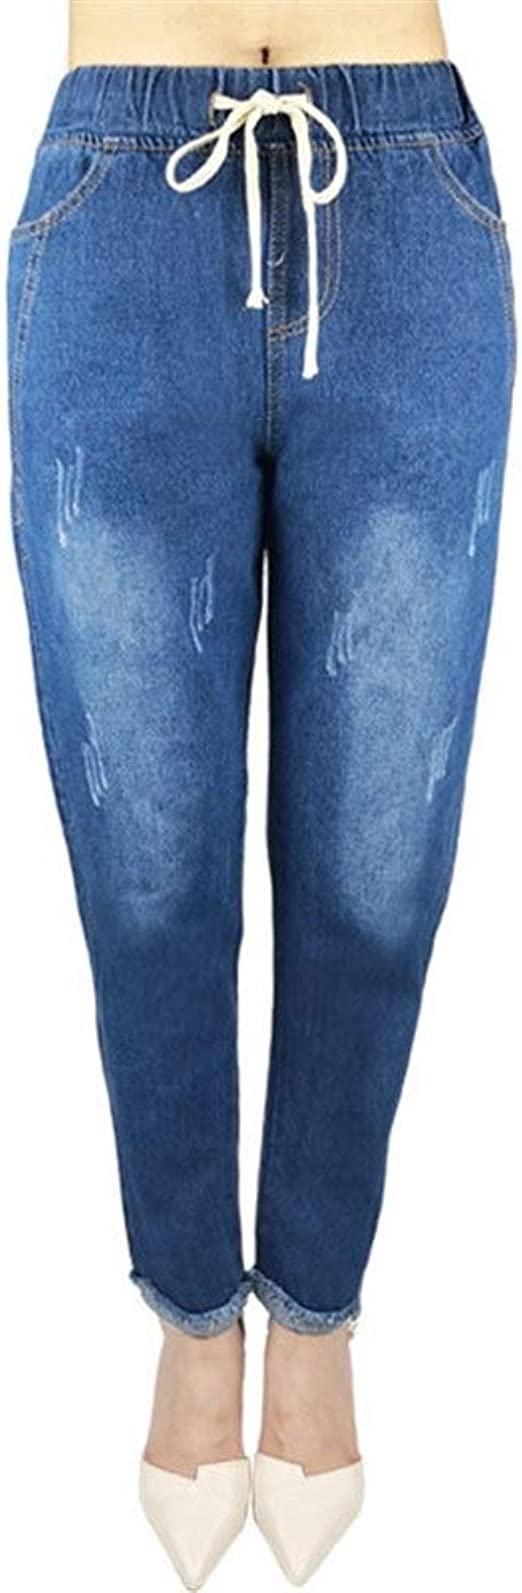 女性の ド蝶コーテ Dongkuan弾性ウエストだぶだぶのジーンズはデニムパンツ脂肪をハーレム いシェイプ